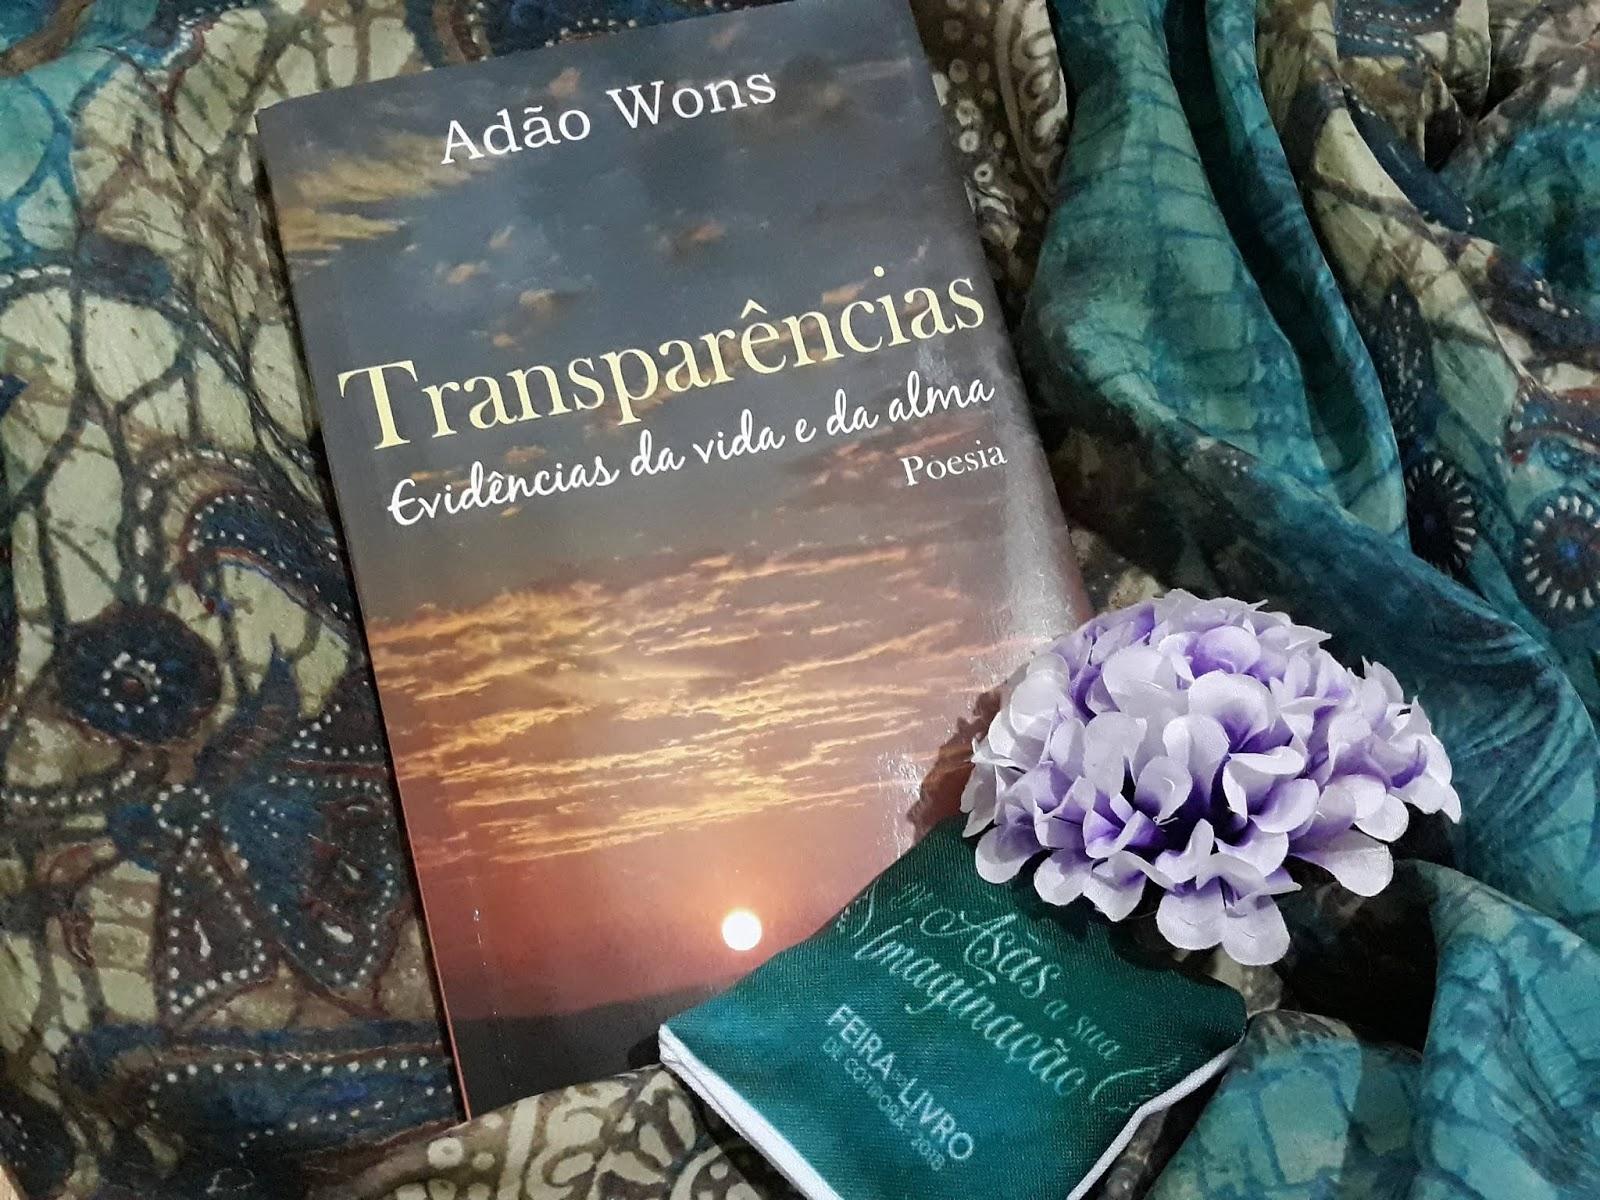 Transparências - Evidências da Vida e da Alma, Adão Wons